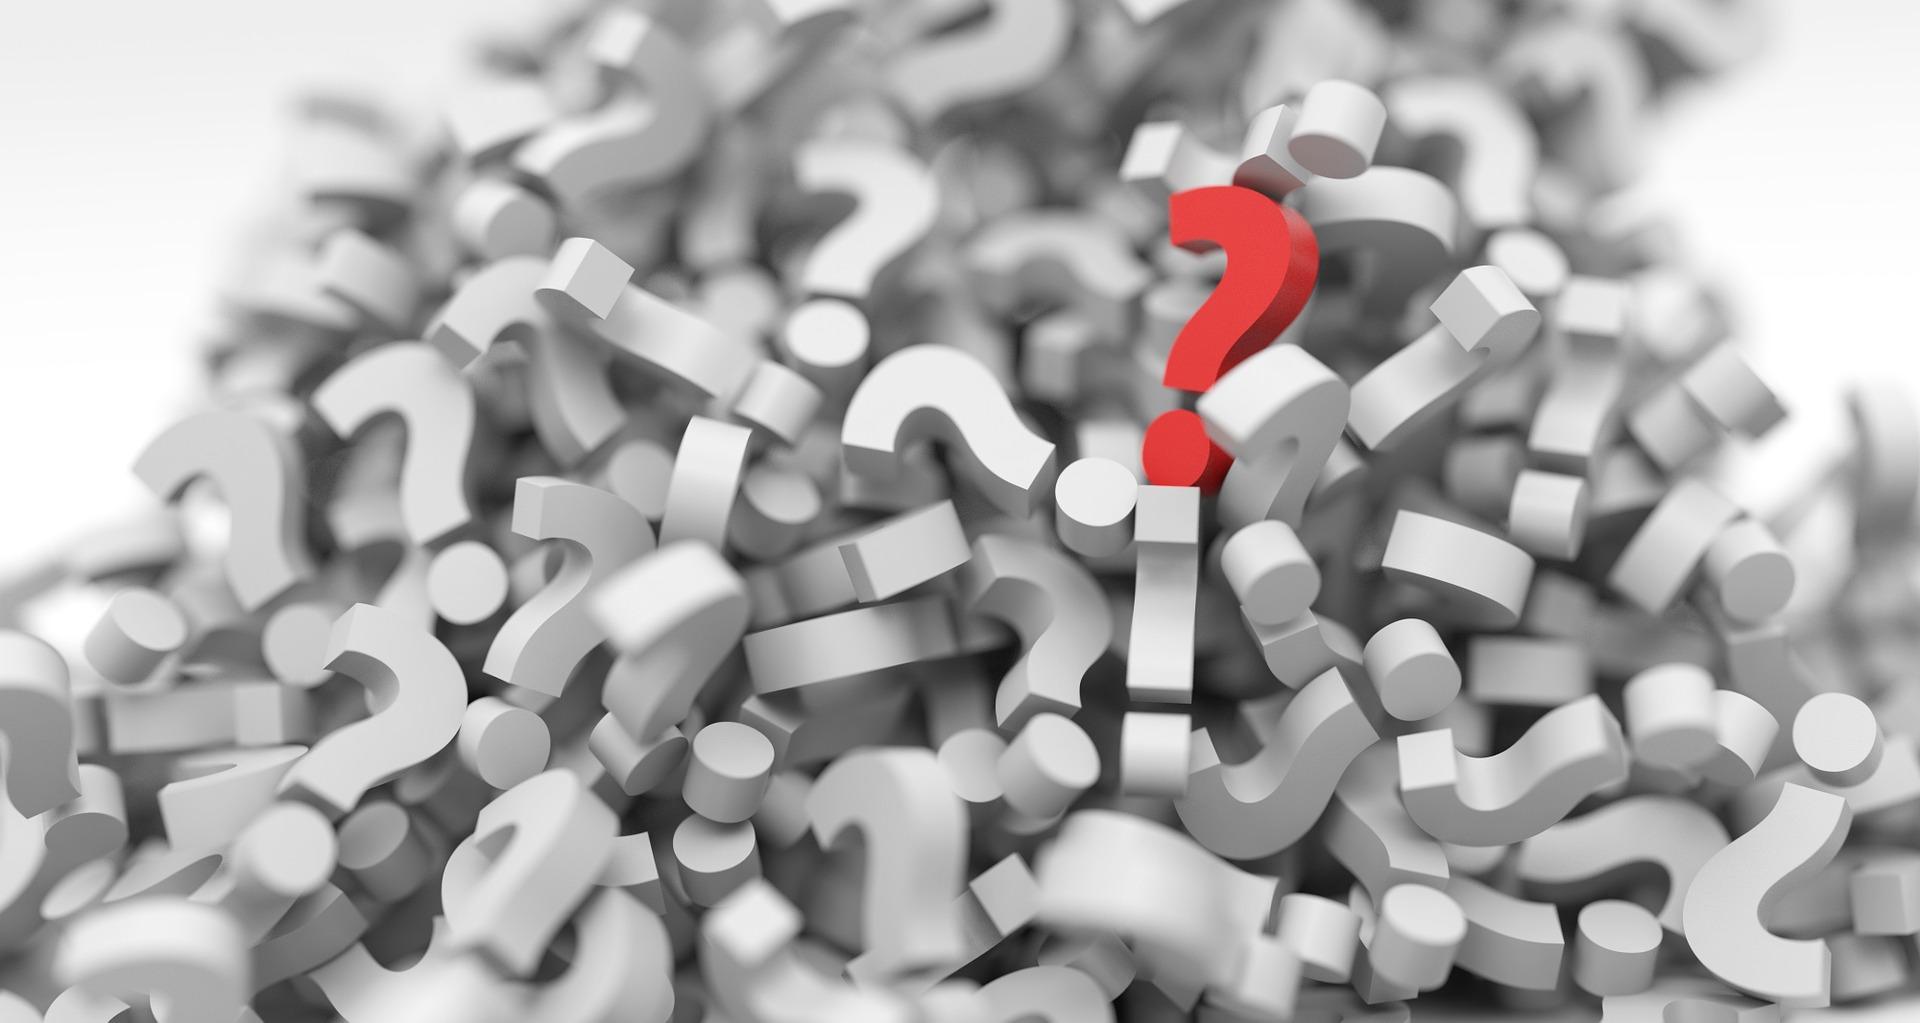 探偵社・興信所に対して調査や依頼内容などよくあるご質問をご紹介